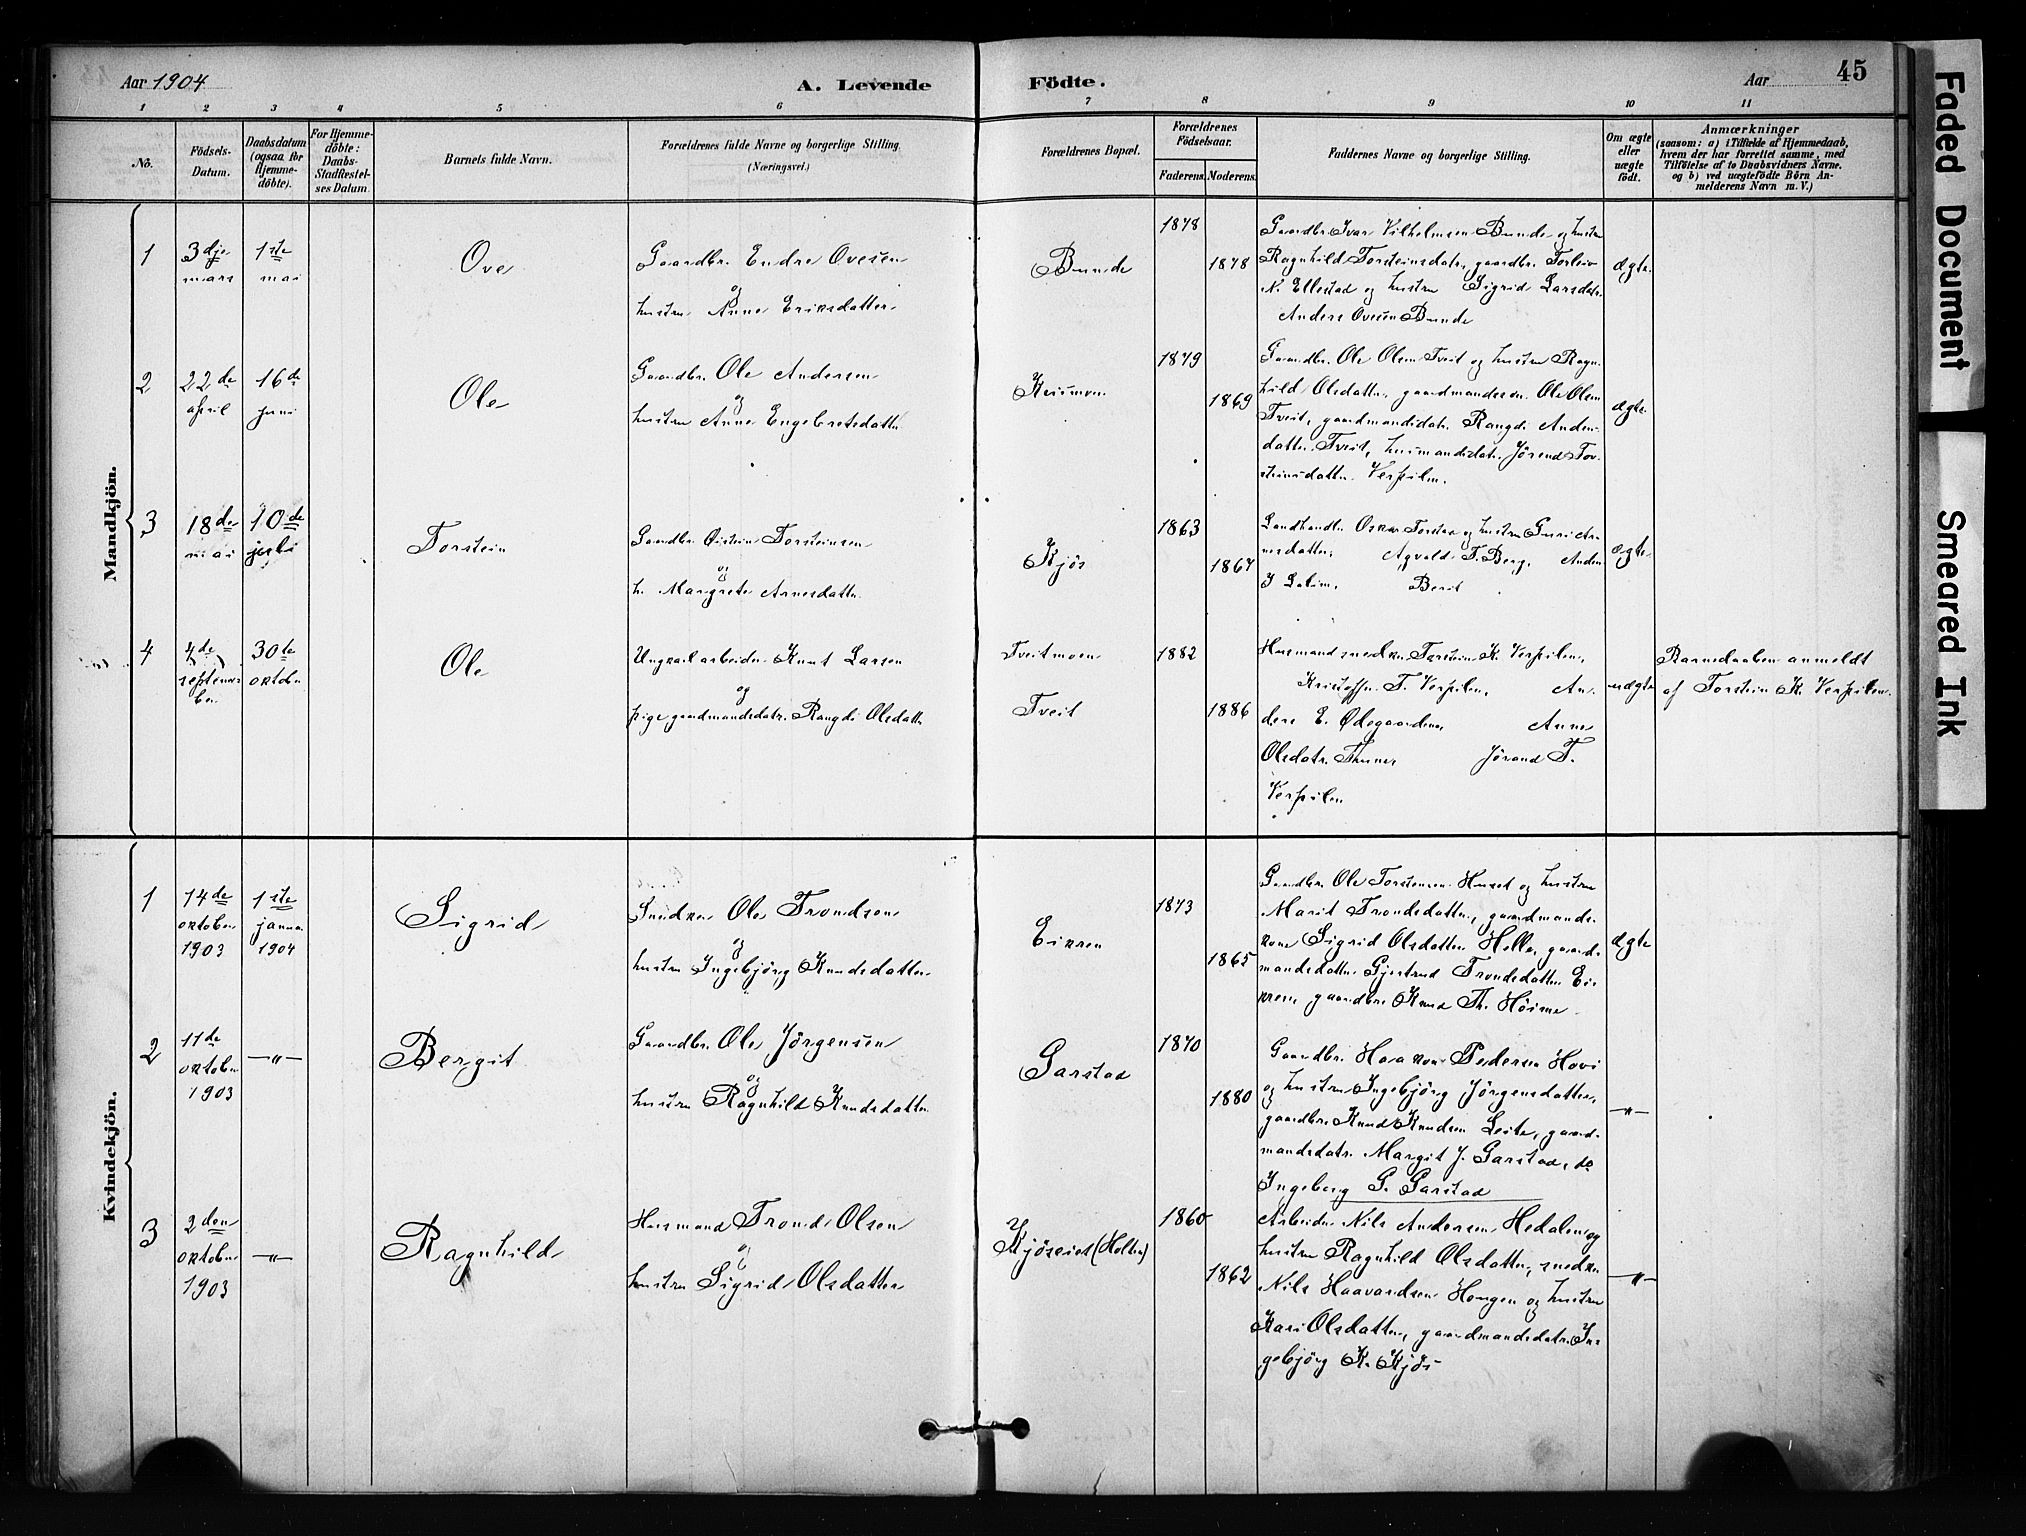 SAH, Vang prestekontor, Valdres, Ministerialbok nr. 9, 1882-1914, s. 45